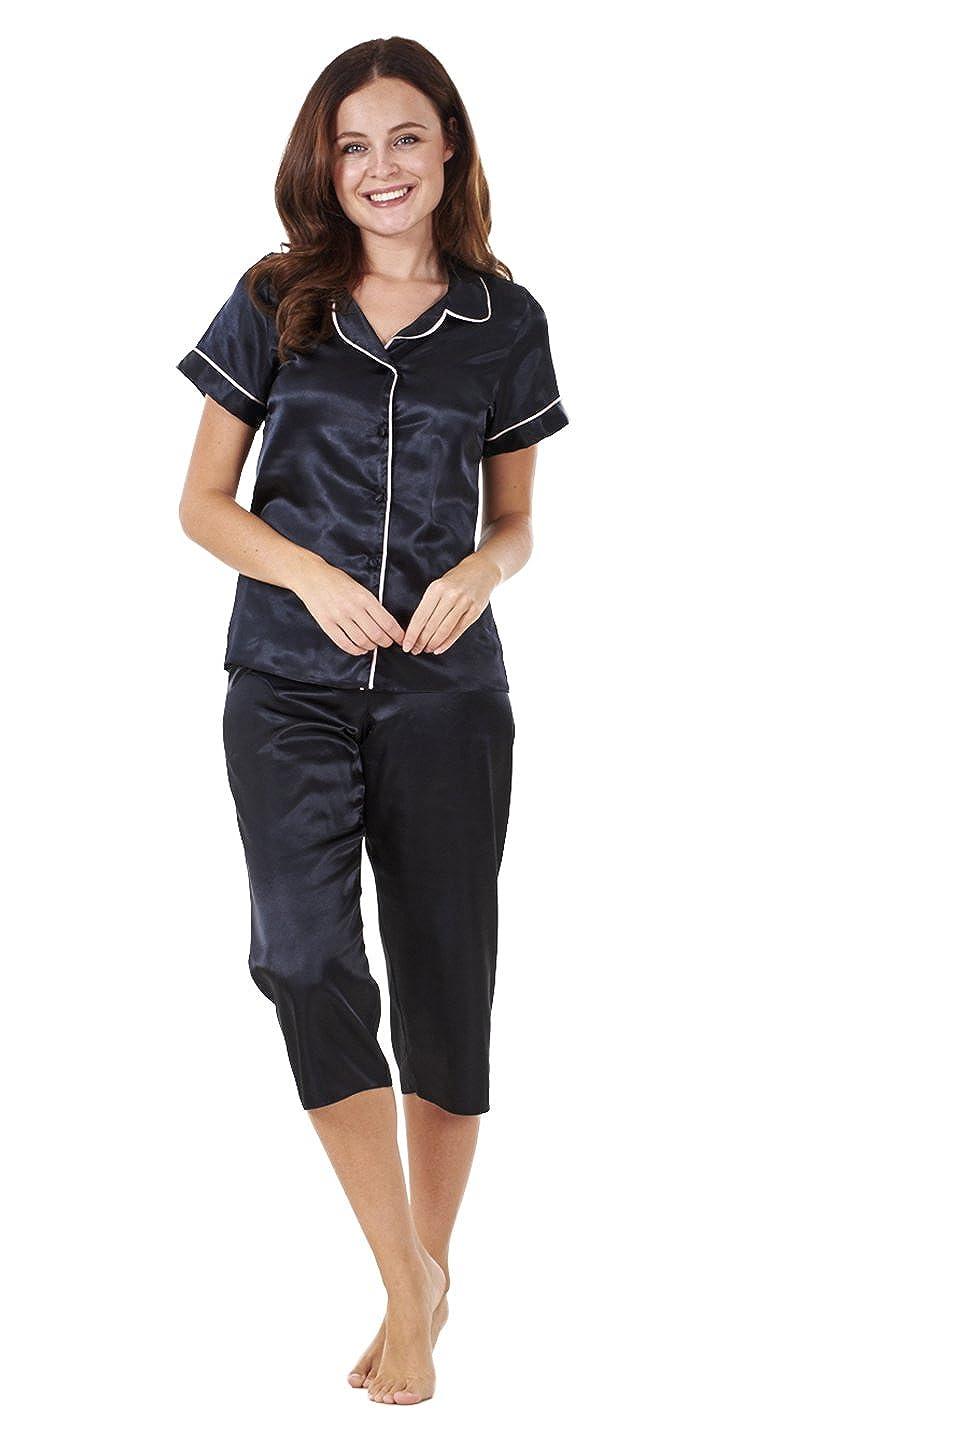 Conjunto de pijama para mujer - Manga corta - Pantalón de estilo pirata - Satinado - Negro - EU 36: Amazon.es: Ropa y accesorios